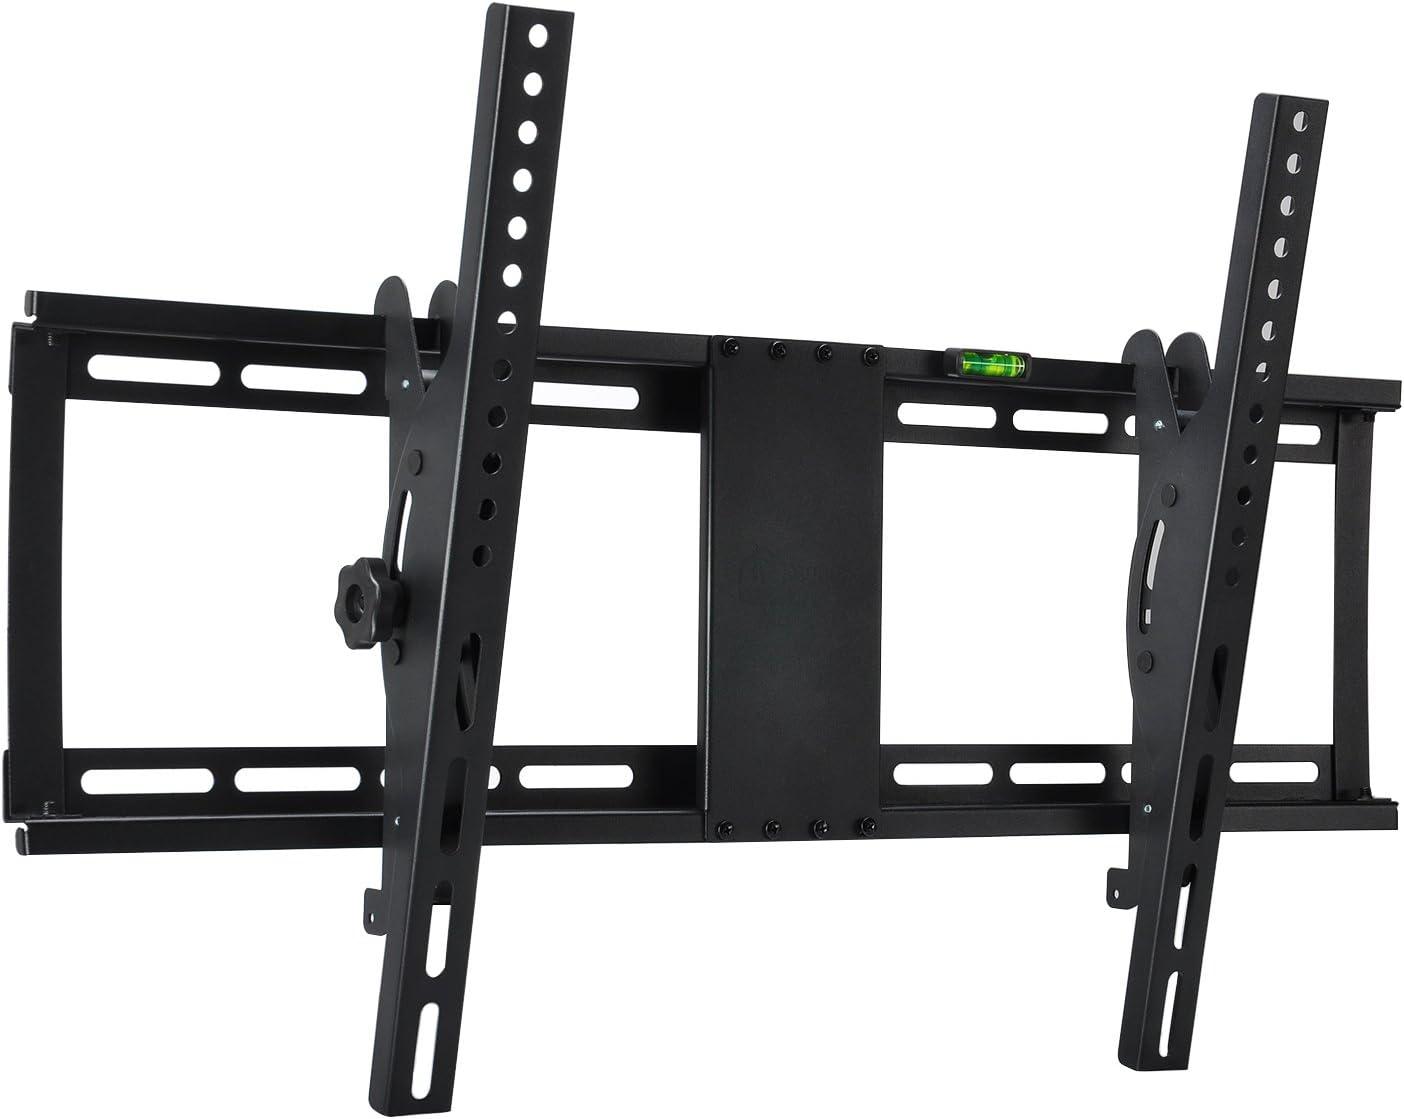 Max VESA 400x400mm Livella a Bolla Inclusa per TV a Schermo Piatto Carico 95kg 81-140cm Staffa TV Supporto da Parete Inclinabile Famgizmo Supporto TV per 32-55 pollici LCD LED Plasma 4K 3D